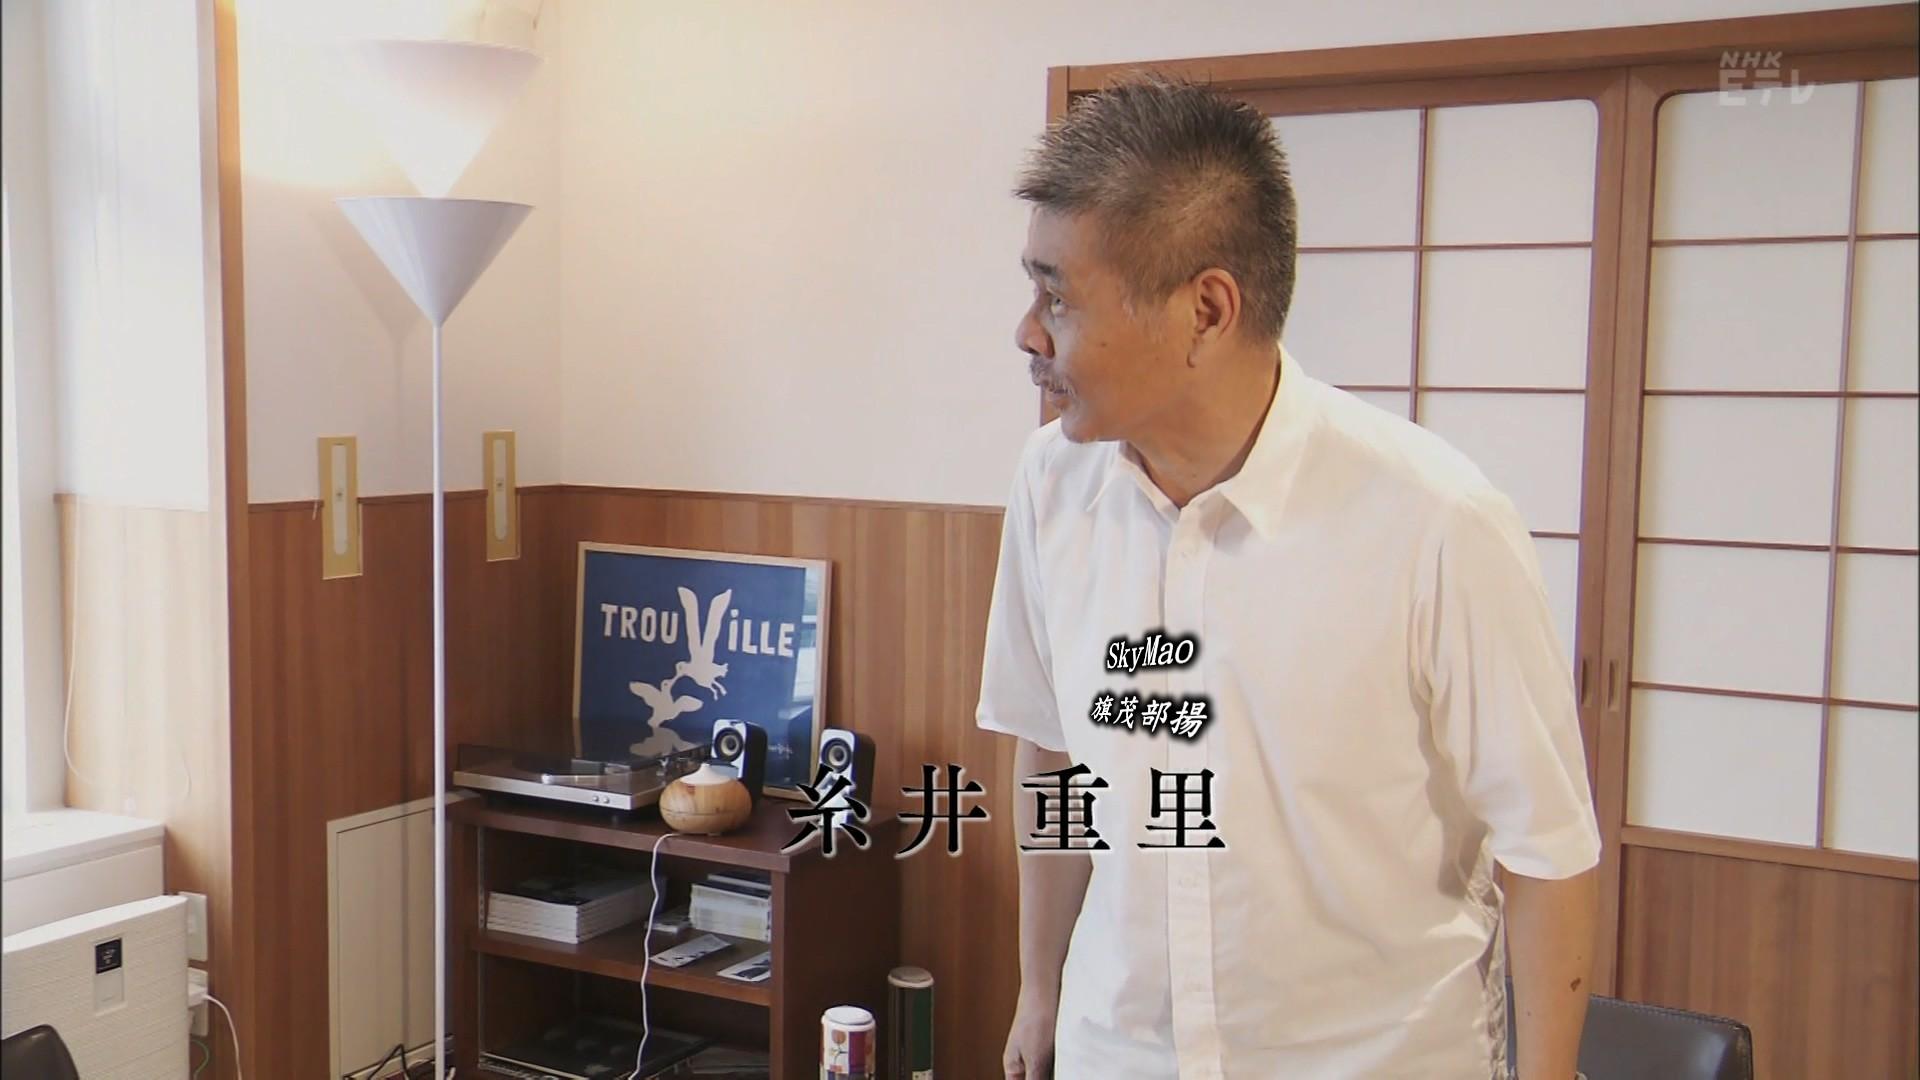 2017.09.23 全場(いきものがかり水野良樹の阿久悠をめぐる対話).ts_20170924_020914.161